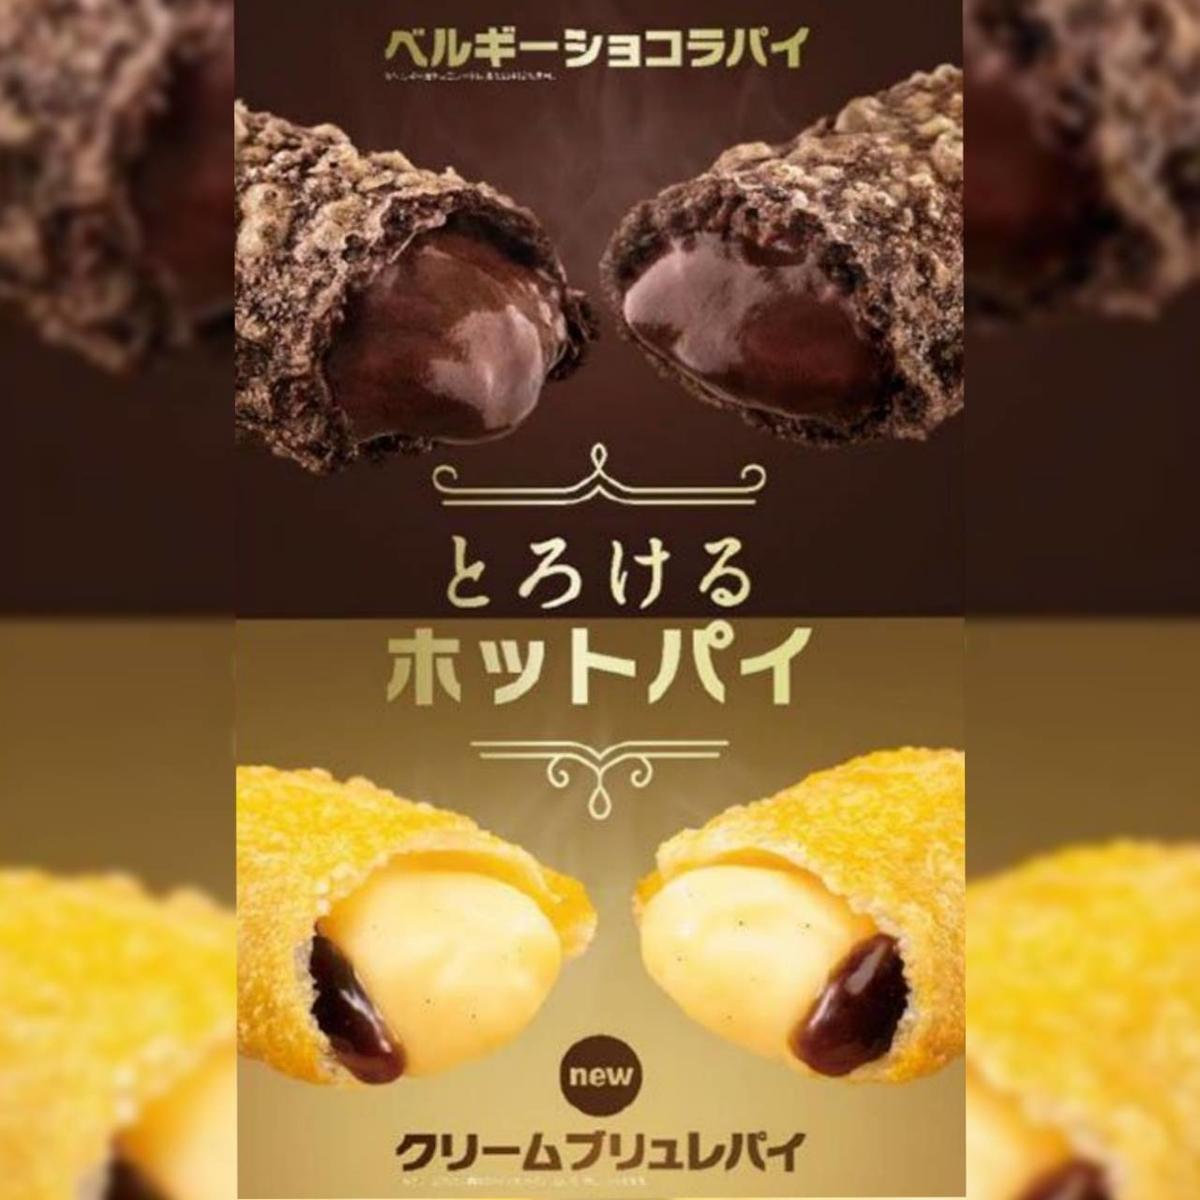 朝マック「クリームブリュレパイ」と「ベルギーショコラパイ」値段 販売期間 いつまで 口コミ レビュー